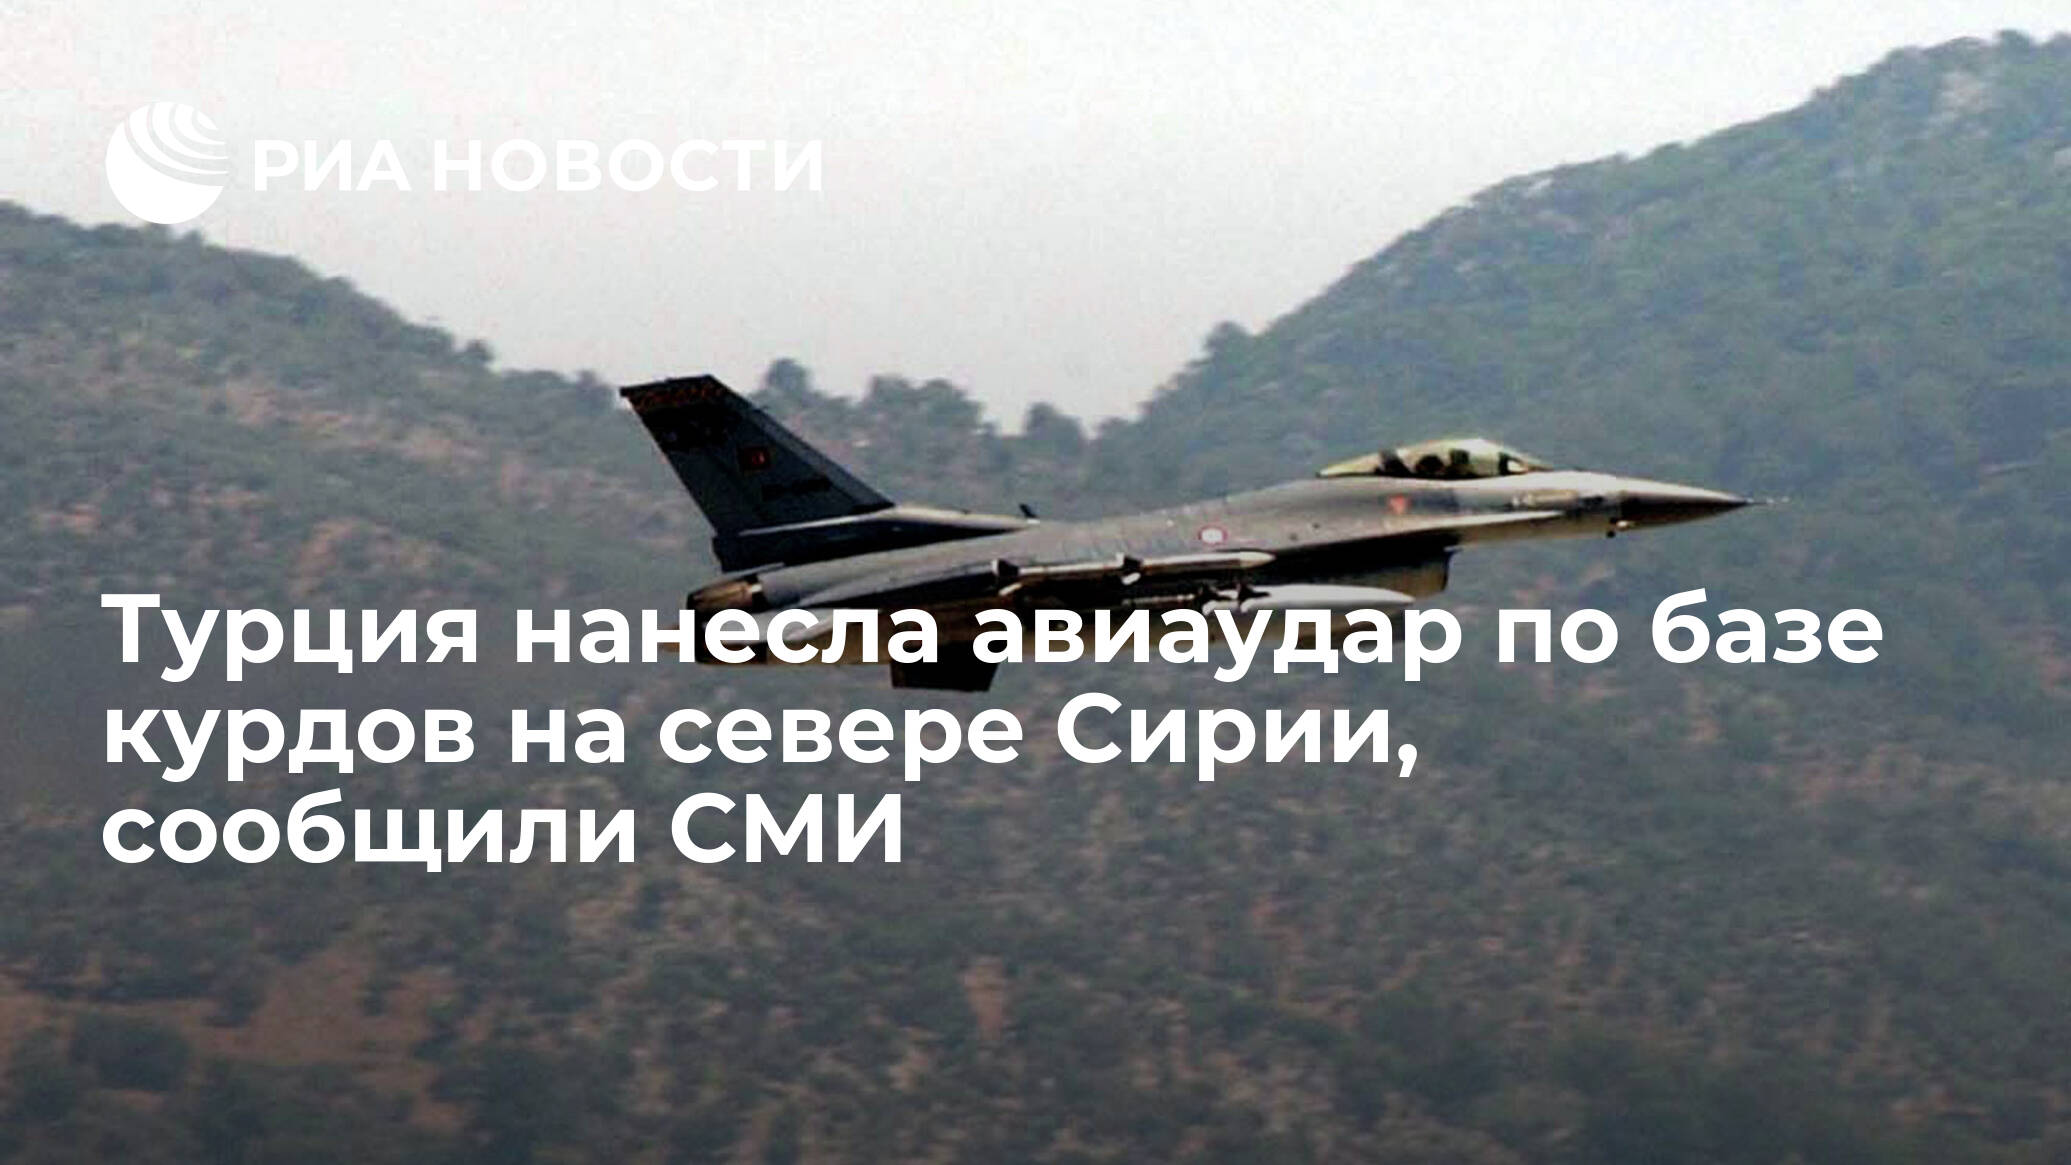 Турция нанесла авиаудар по базе курдов на севере Сирии, сообщили СМИ